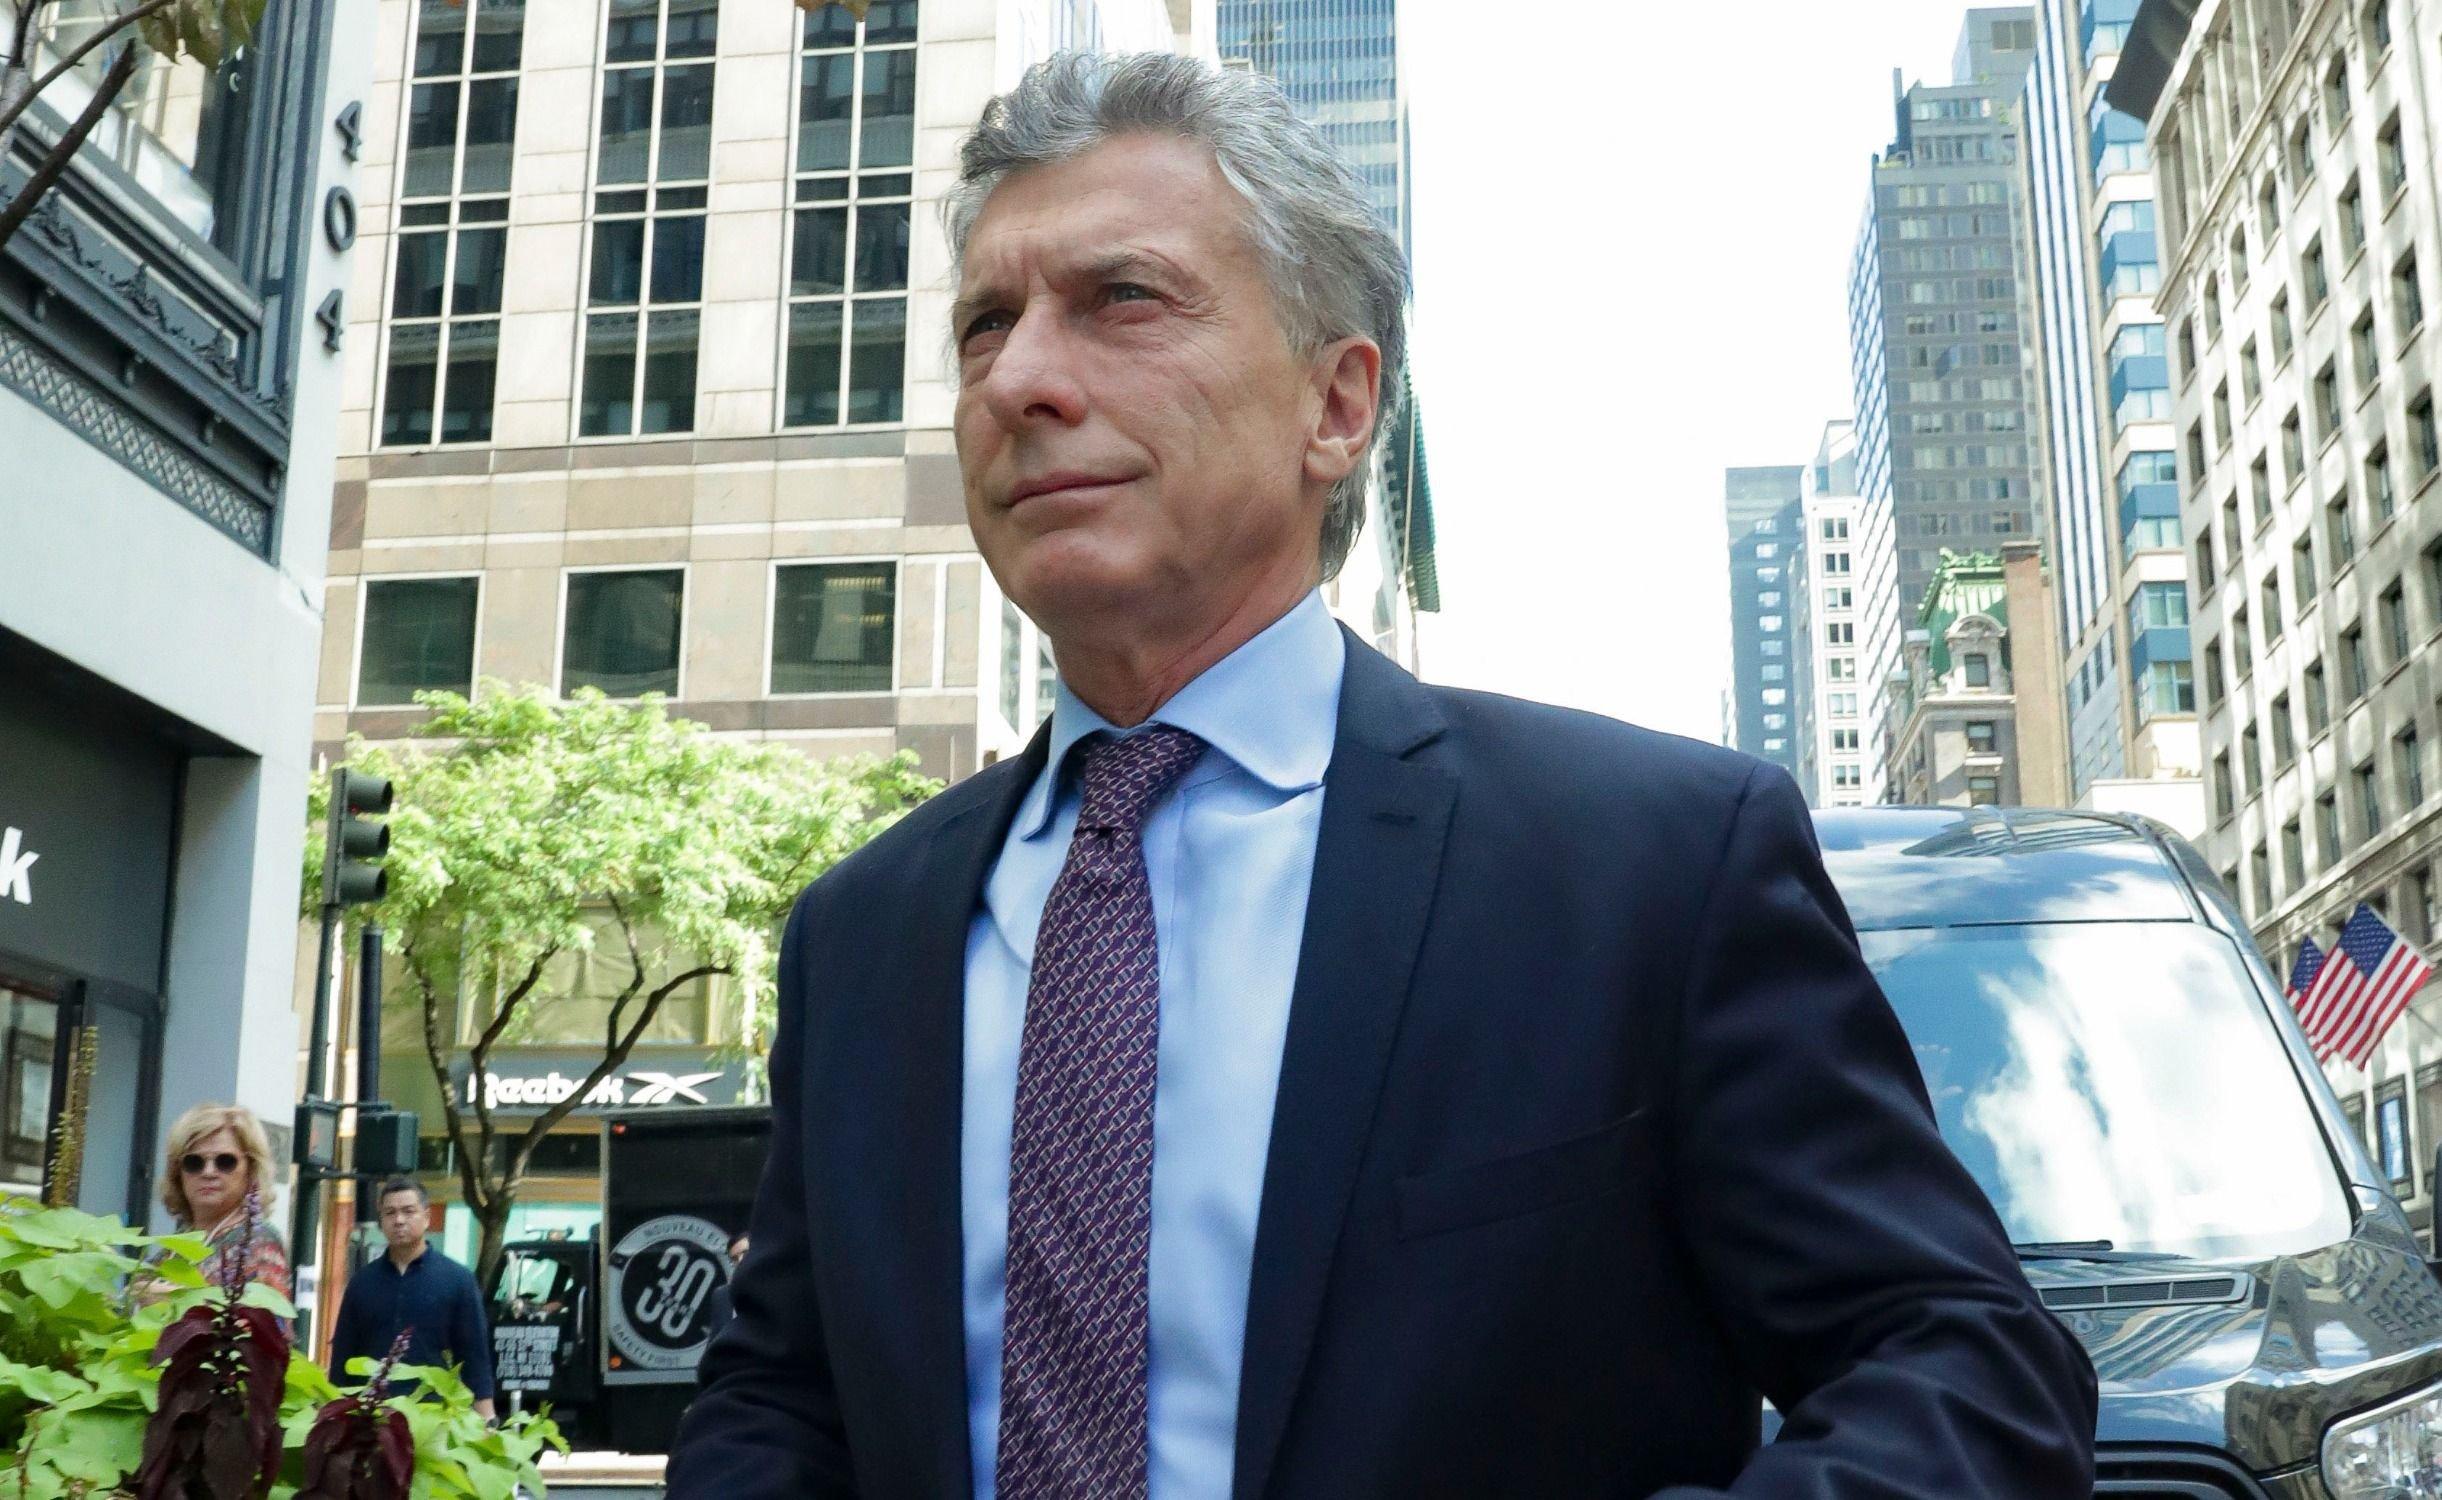 Imputaron a Macri y a otros funcionarios por acuerdos con el Reino Unido